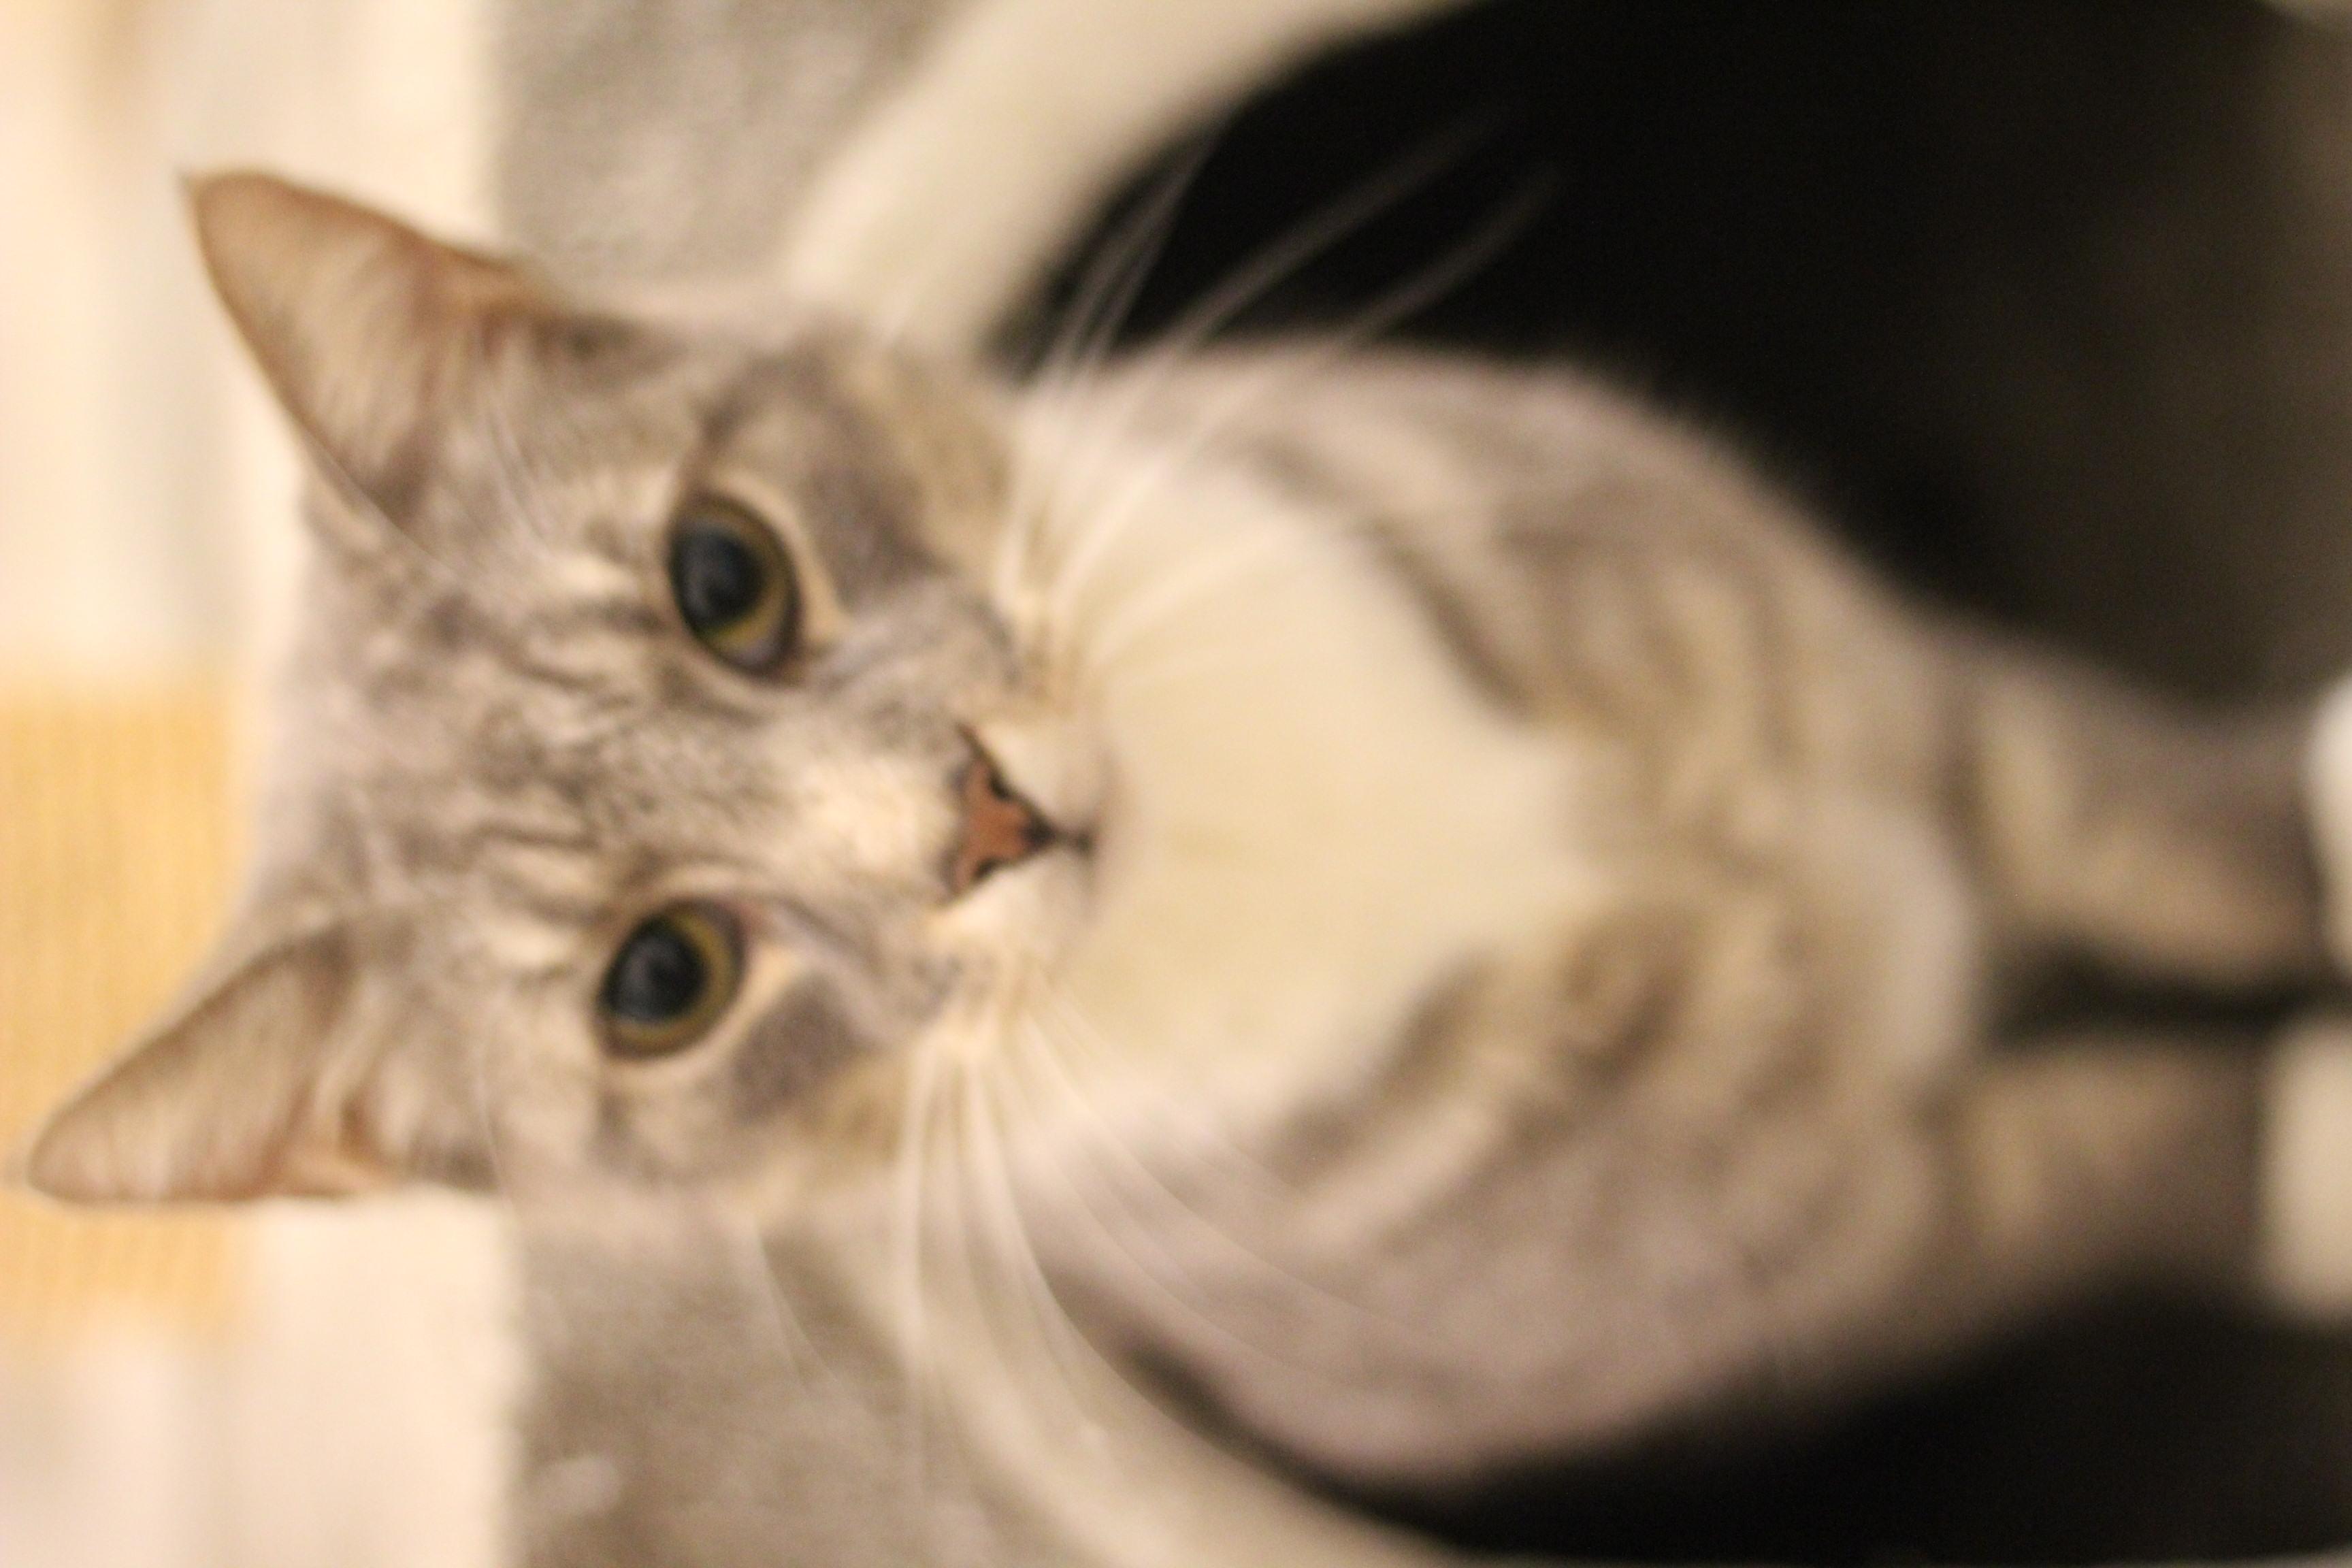 Viggo er den dejligste hankat på 7 år. han er sød og meget kælen. han vil elske at være selskab for dig